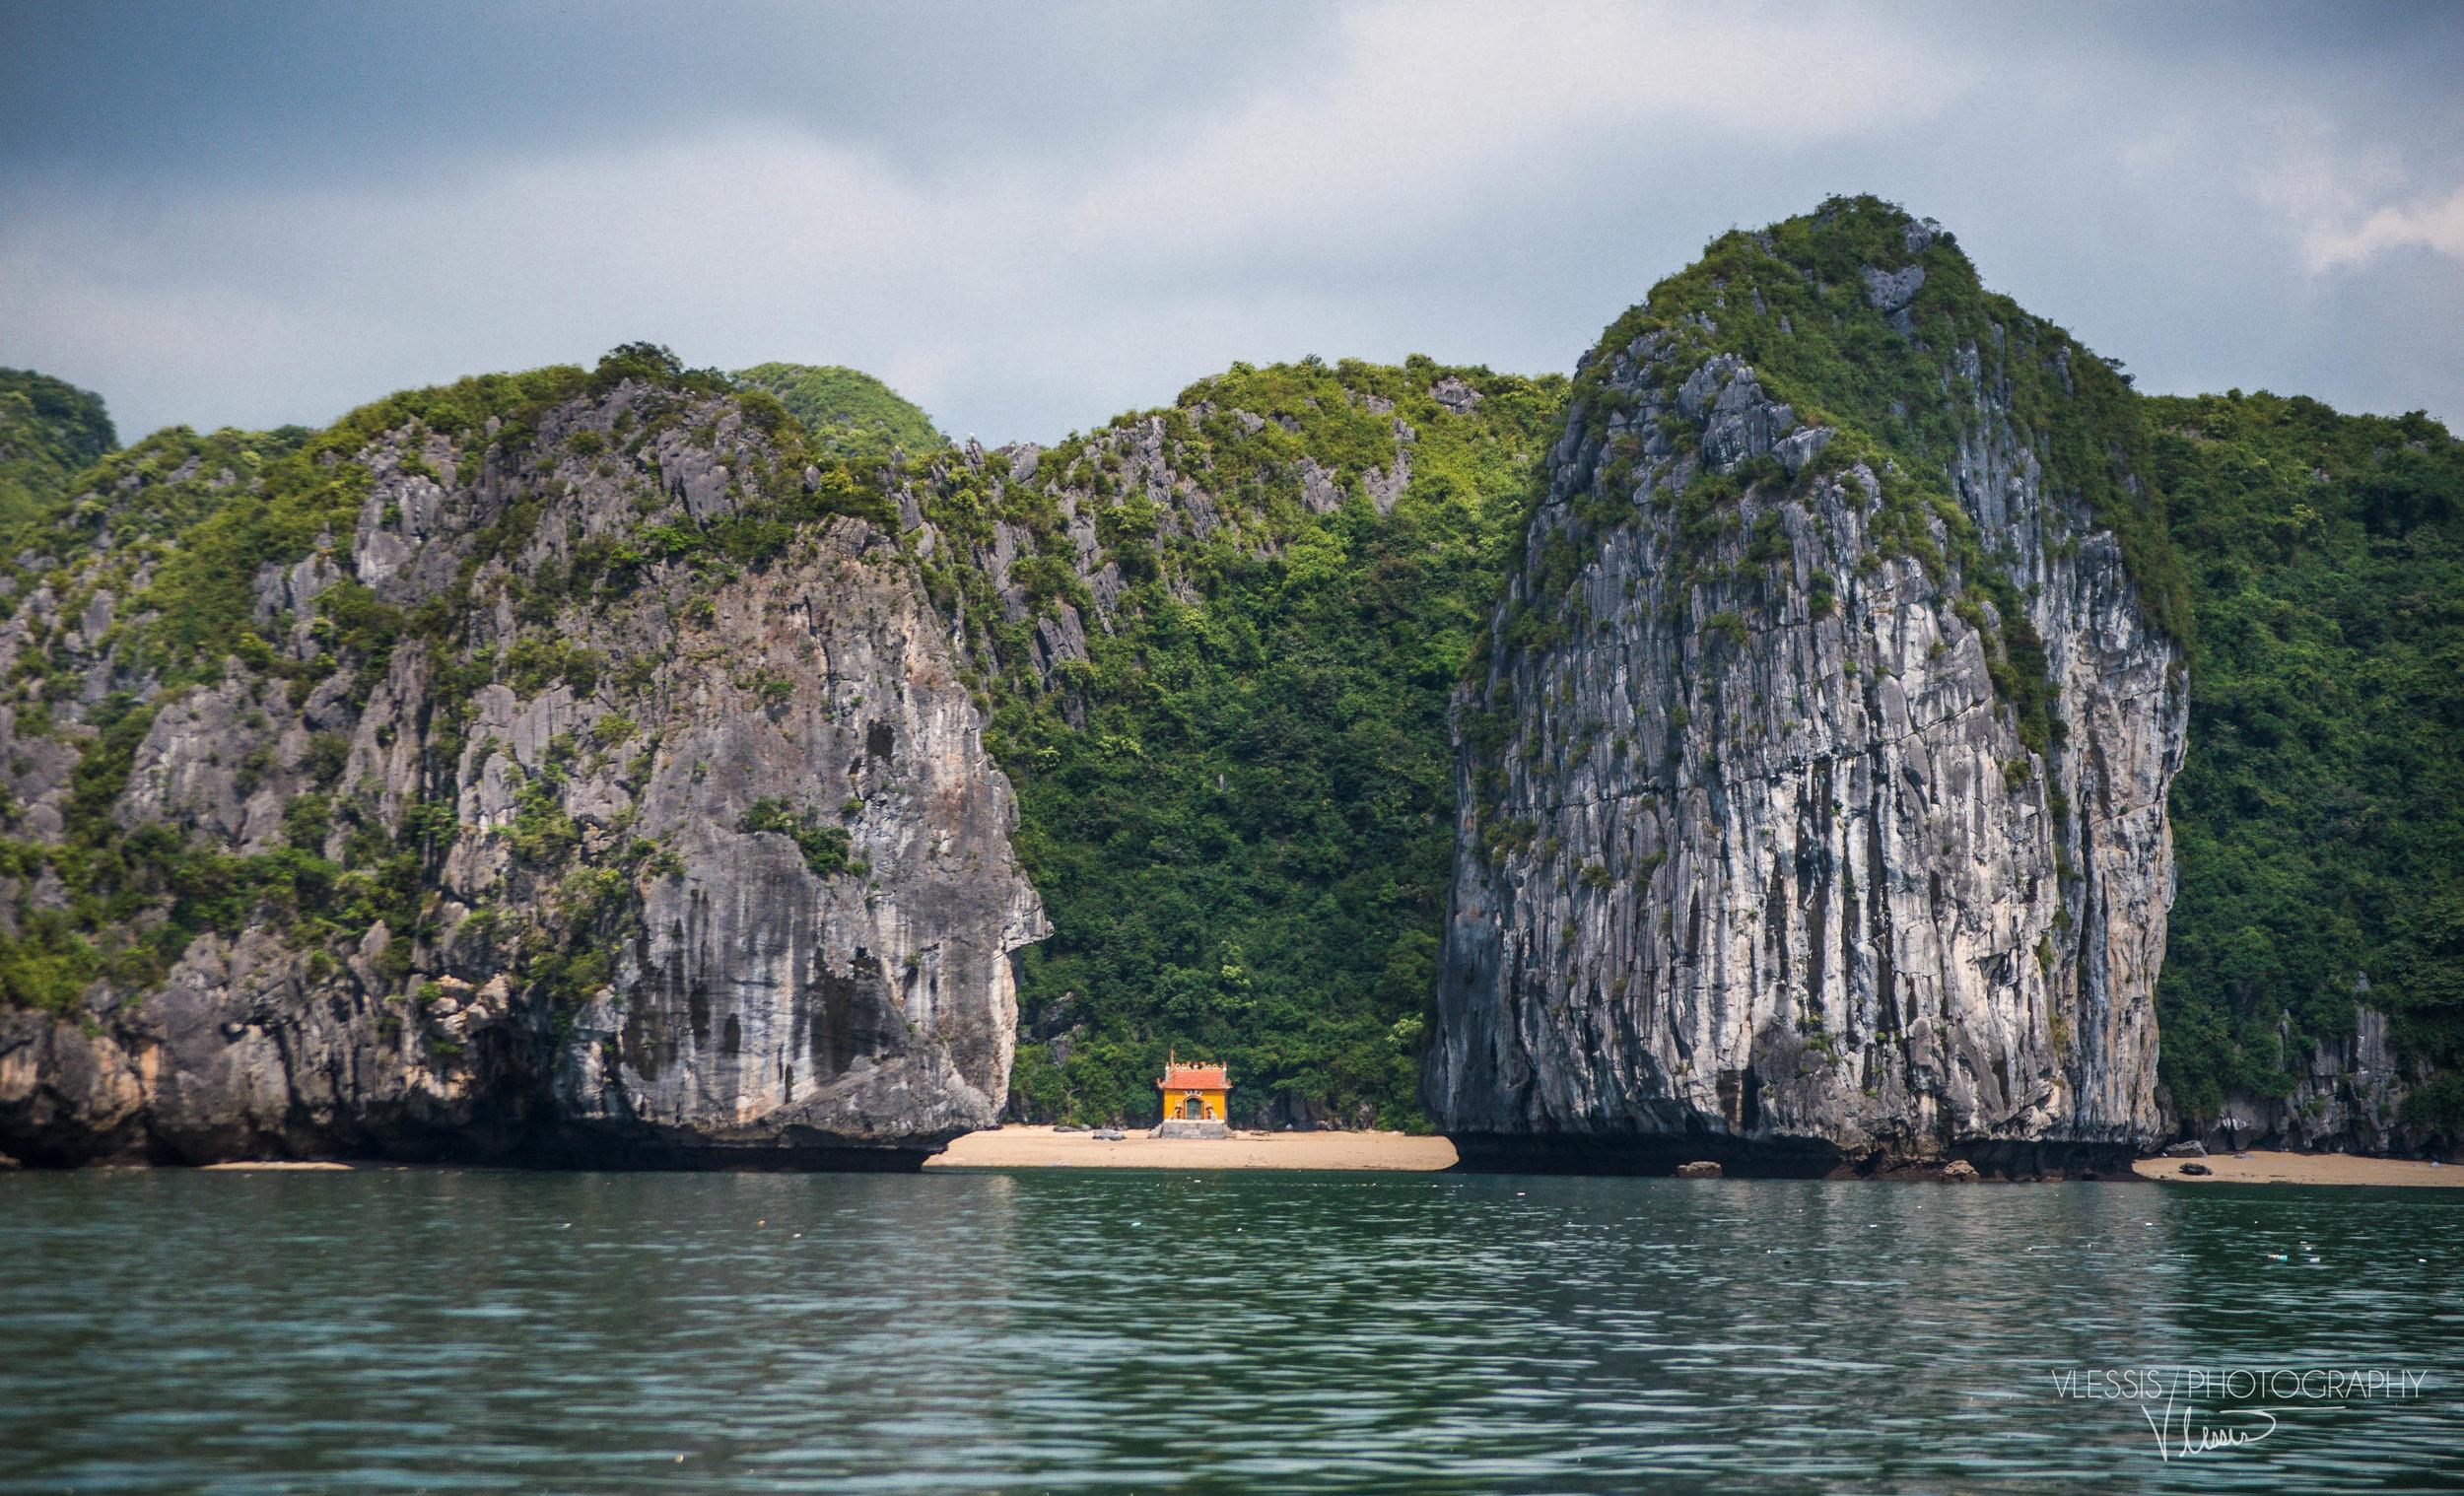 Vietnamhalong (1 of 1).jpg